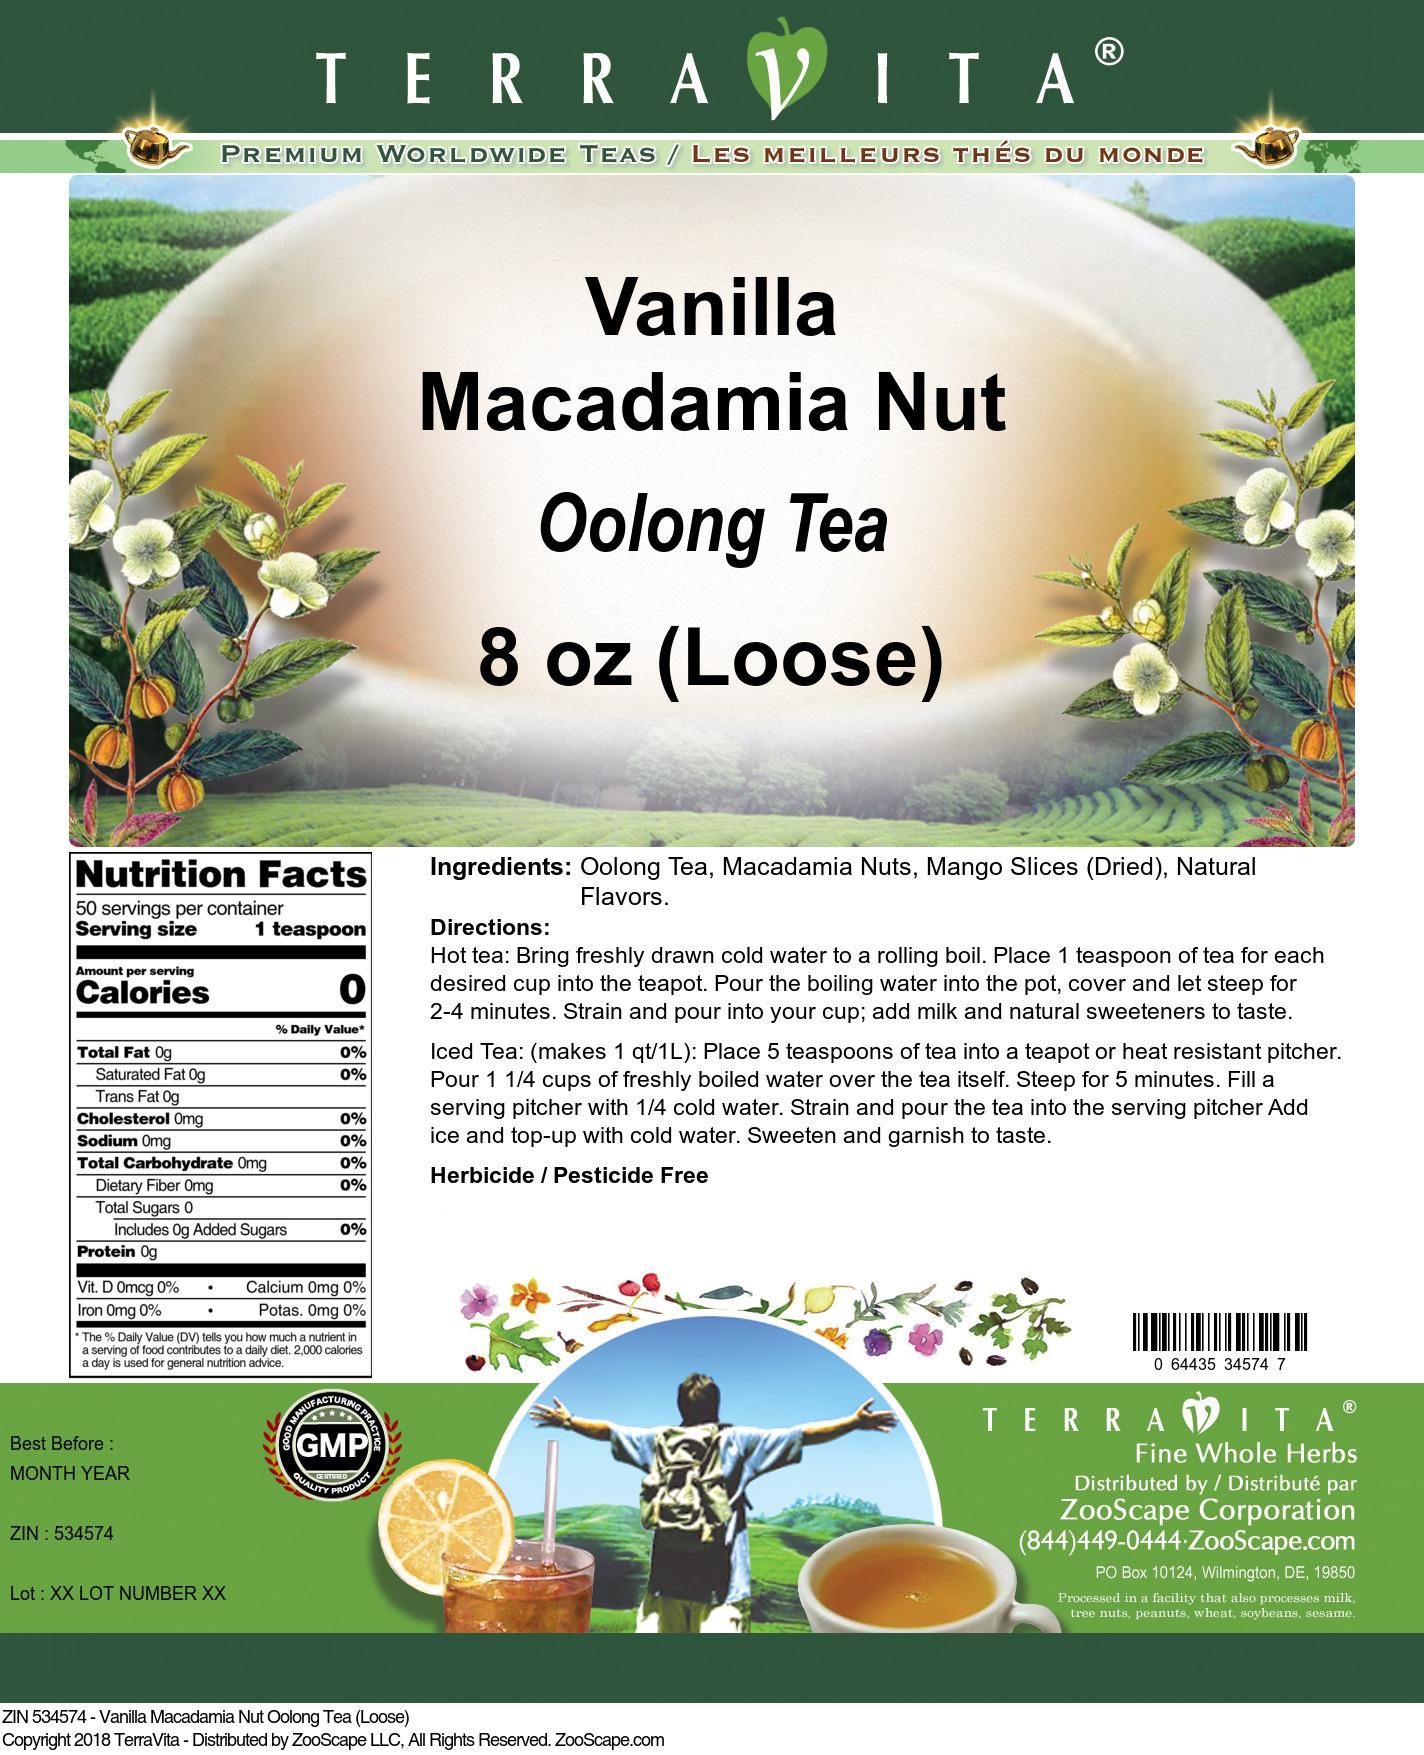 Vanilla Macadamia Nut Oolong Tea (Loose)